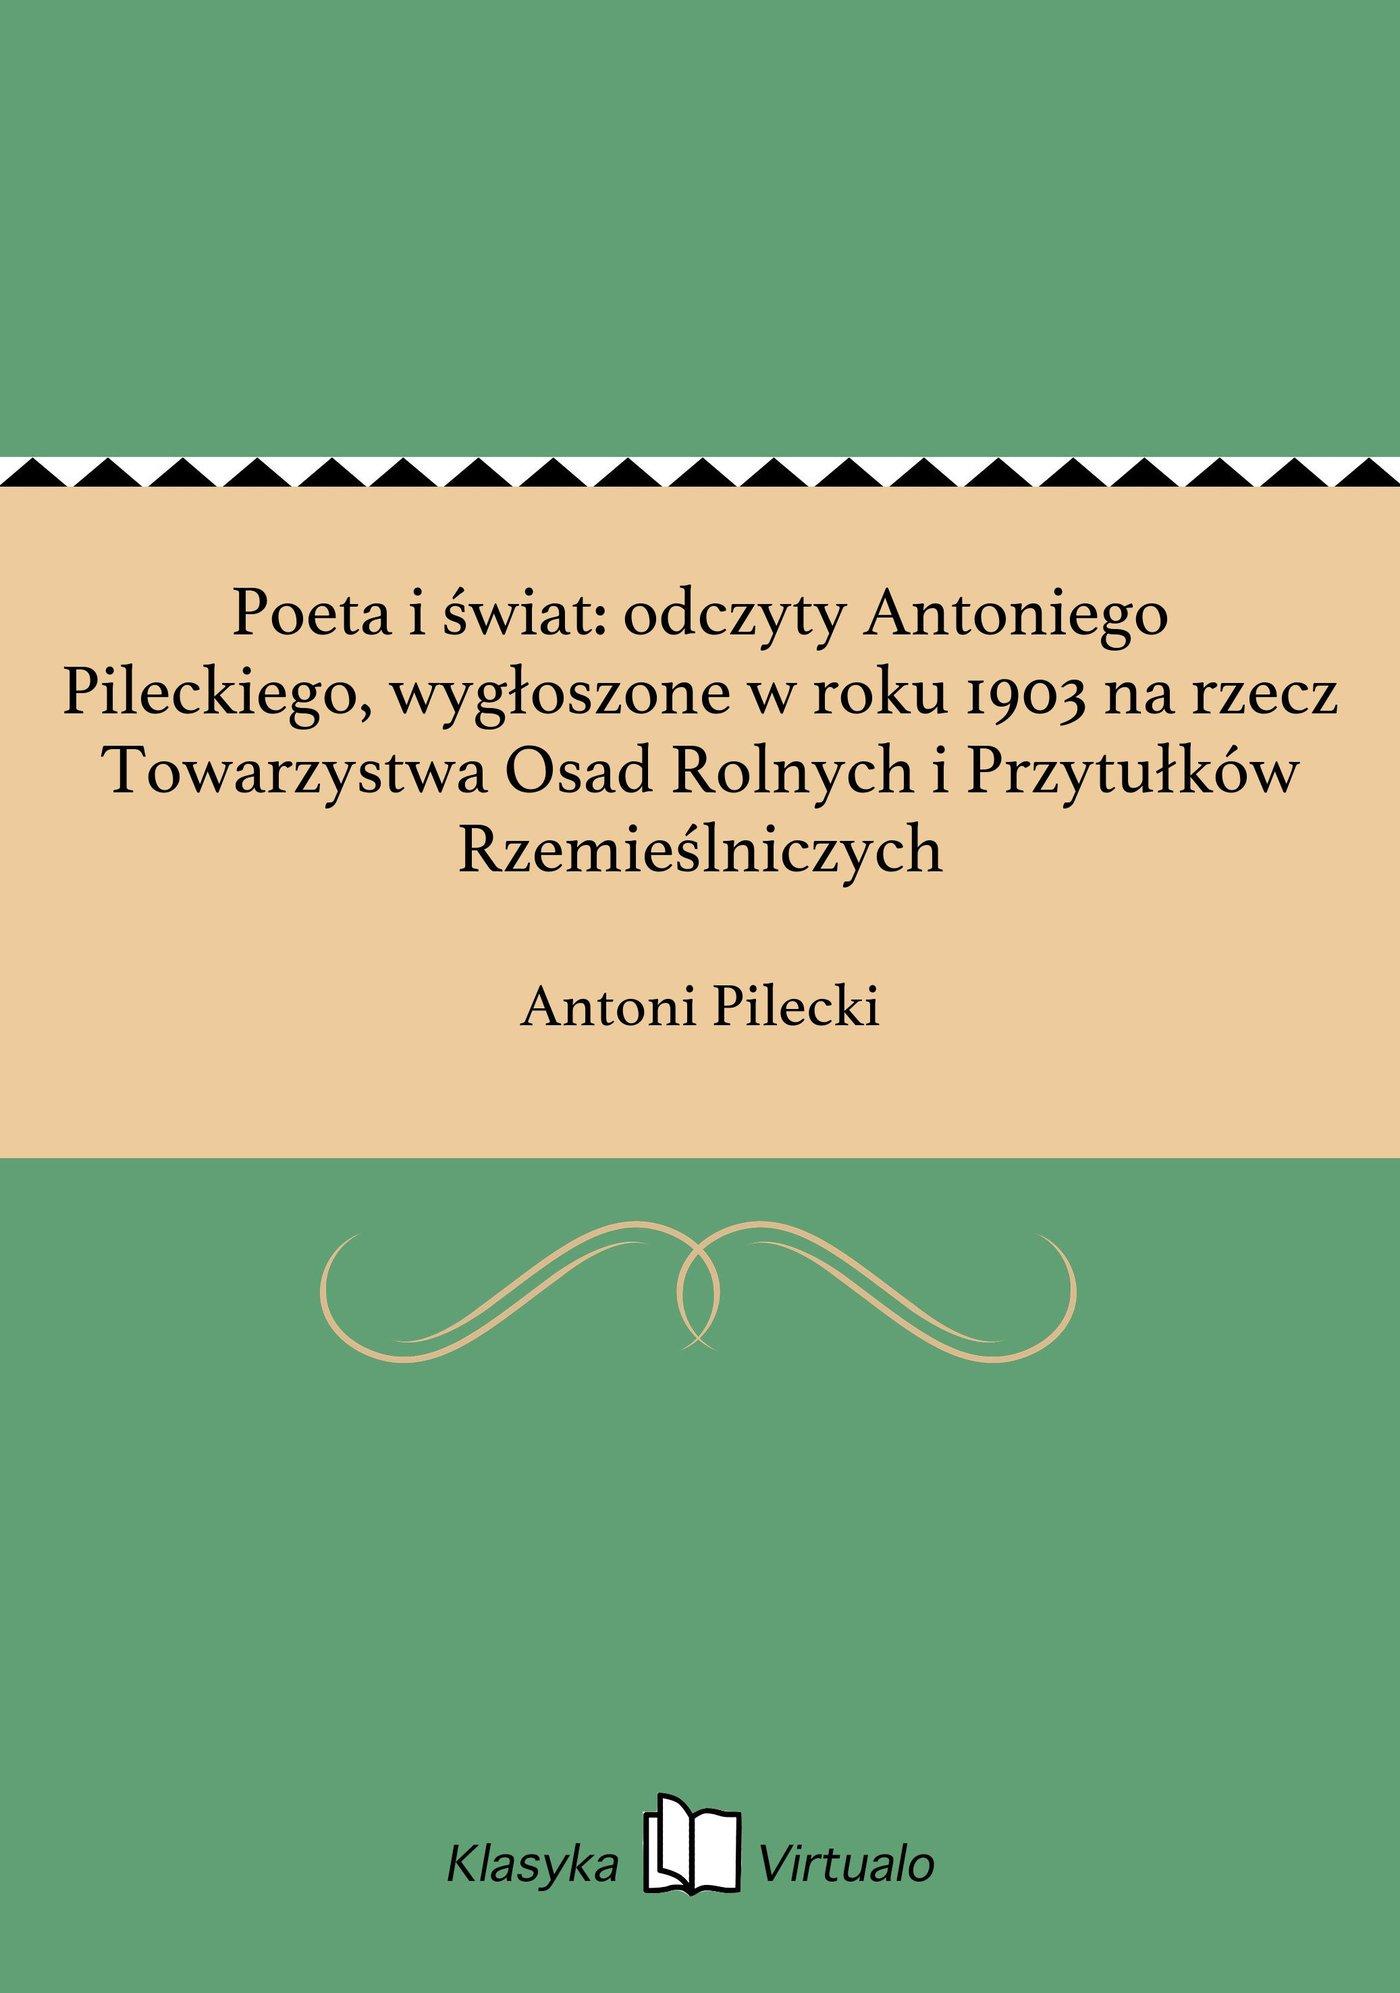 Poeta i świat: odczyty Antoniego Pileckiego, wygłoszone w roku 1903 na rzecz Towarzystwa Osad Rolnych i Przytułków Rzemieślniczych - Ebook (Książka na Kindle) do pobrania w formacie MOBI